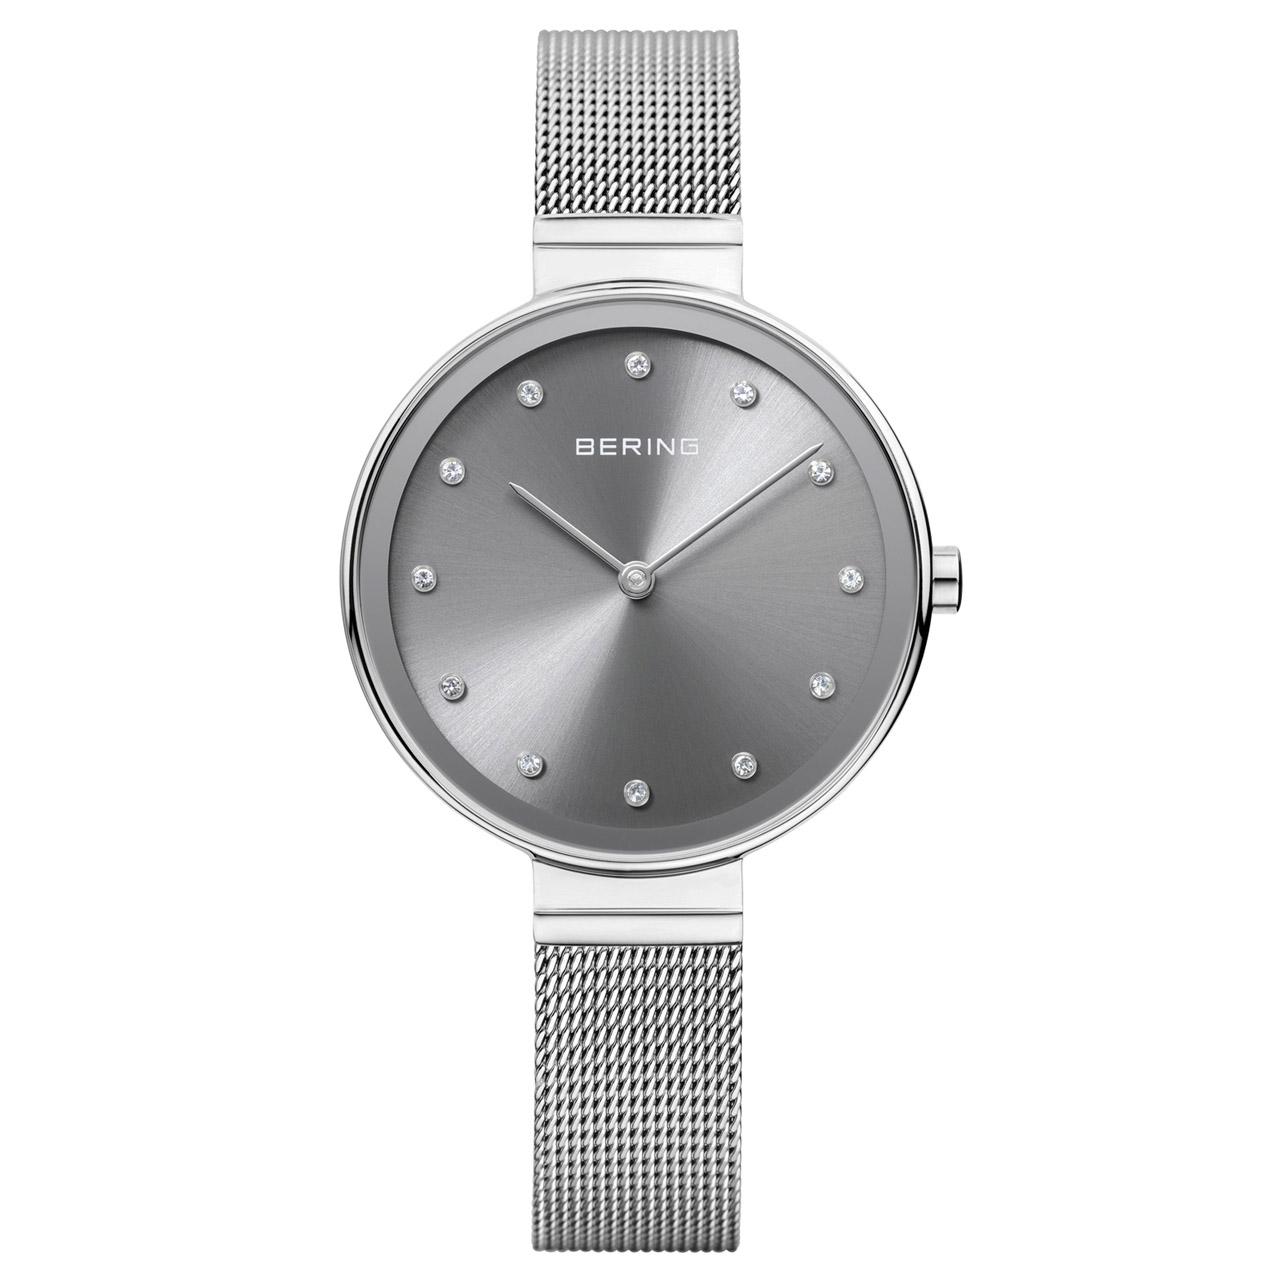 ساعت مچی عقربه ای زنانه برینگ مدل b12034-009 16